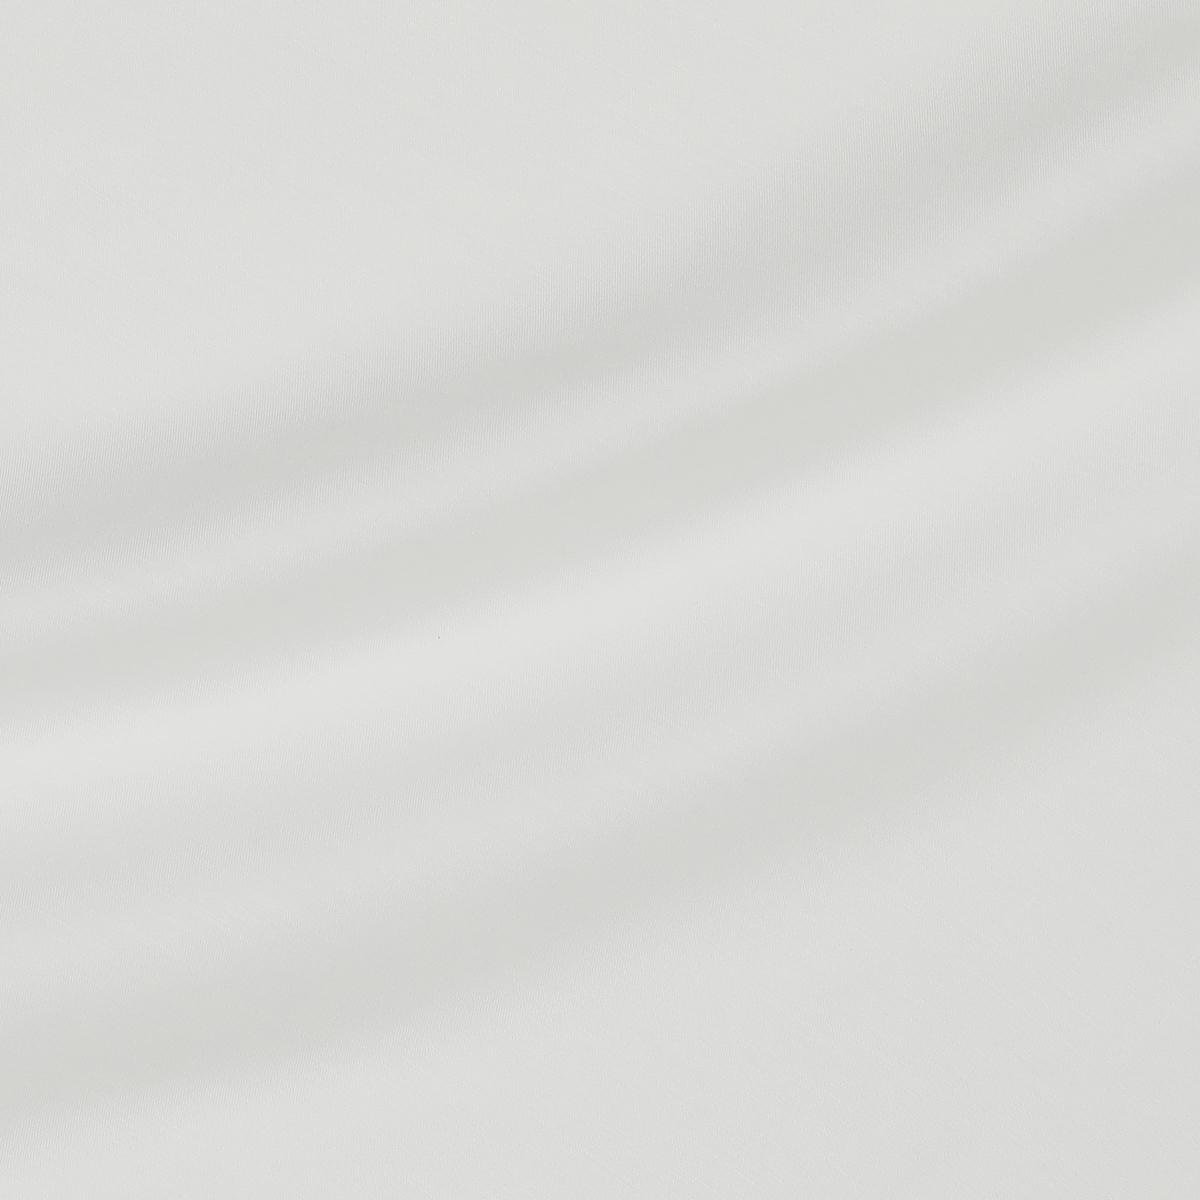 Вискозно-хлопковая полупрозрачная ткань белого цвета